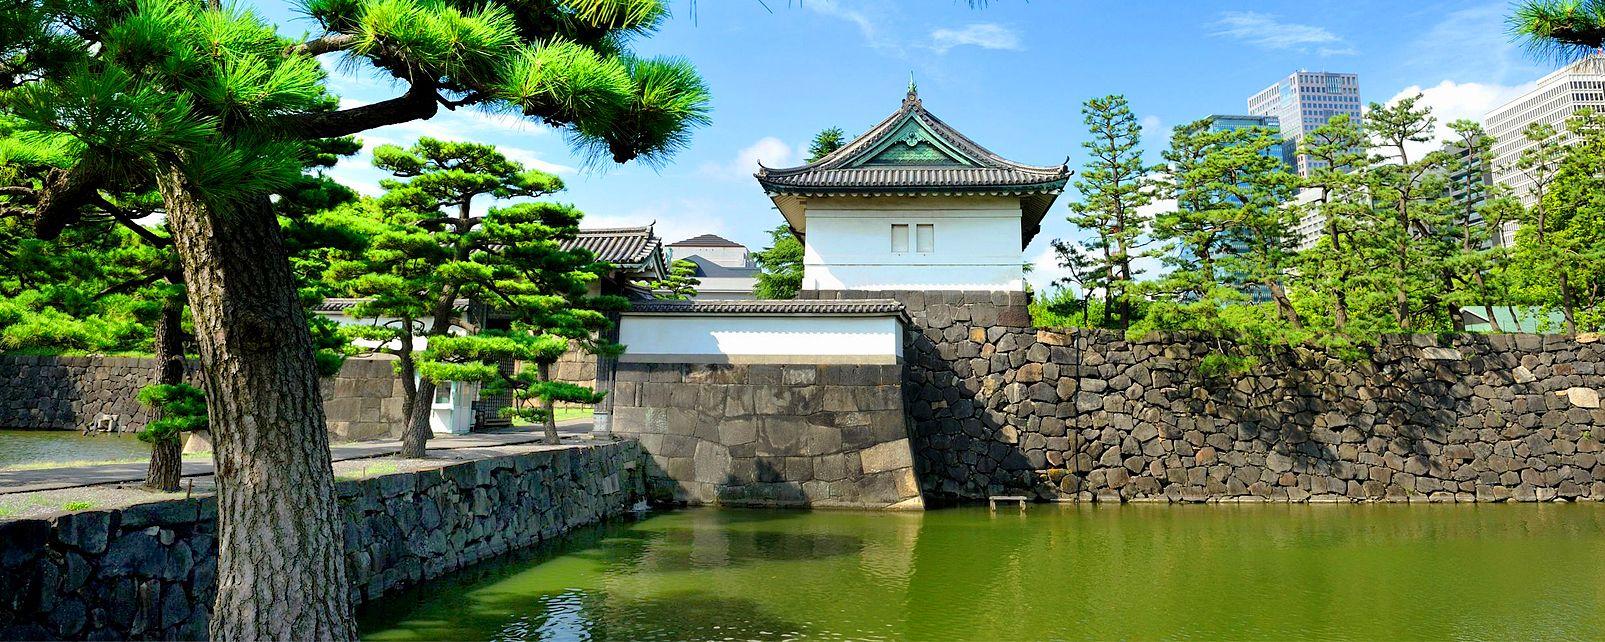 Tokyo le palais de l 39 empereur japon for Dujardin imperial